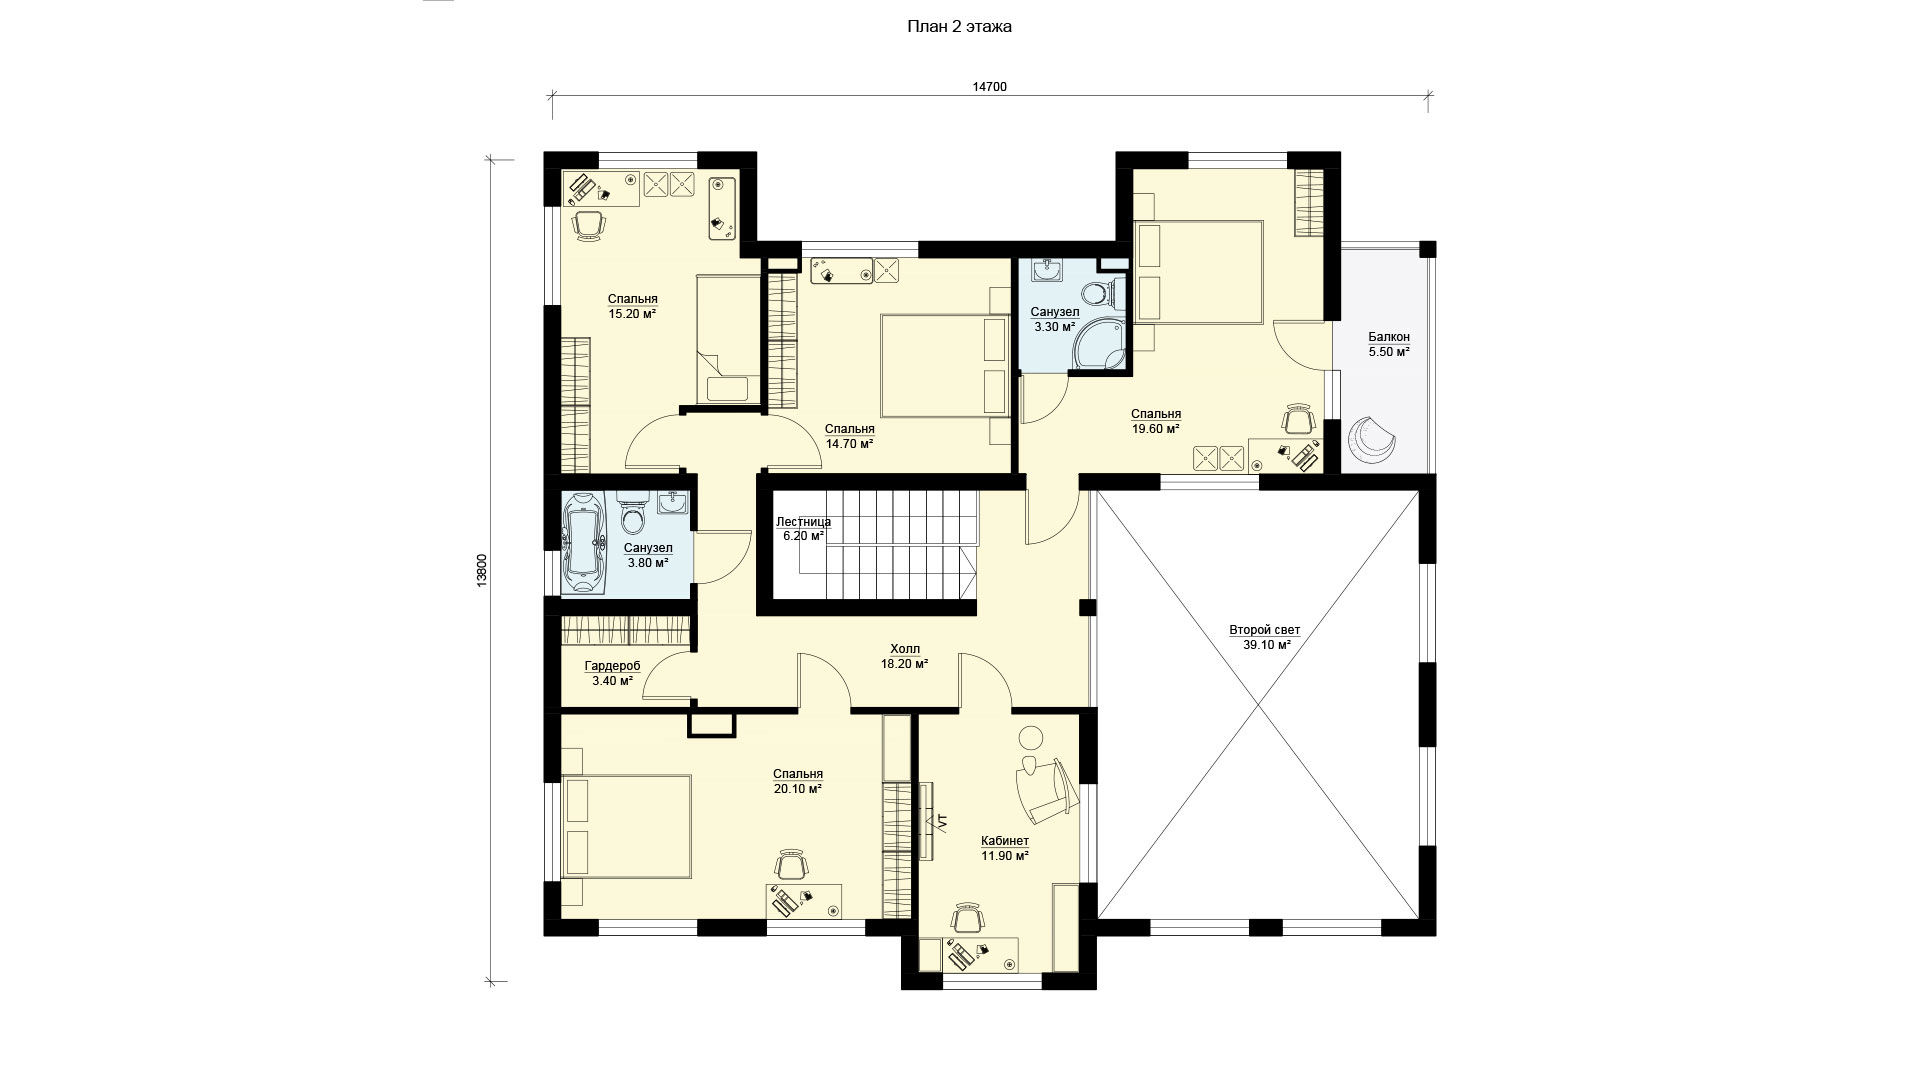 План второго этажа загородного дома с большими окнами, проект БЭНПАН БП-338.